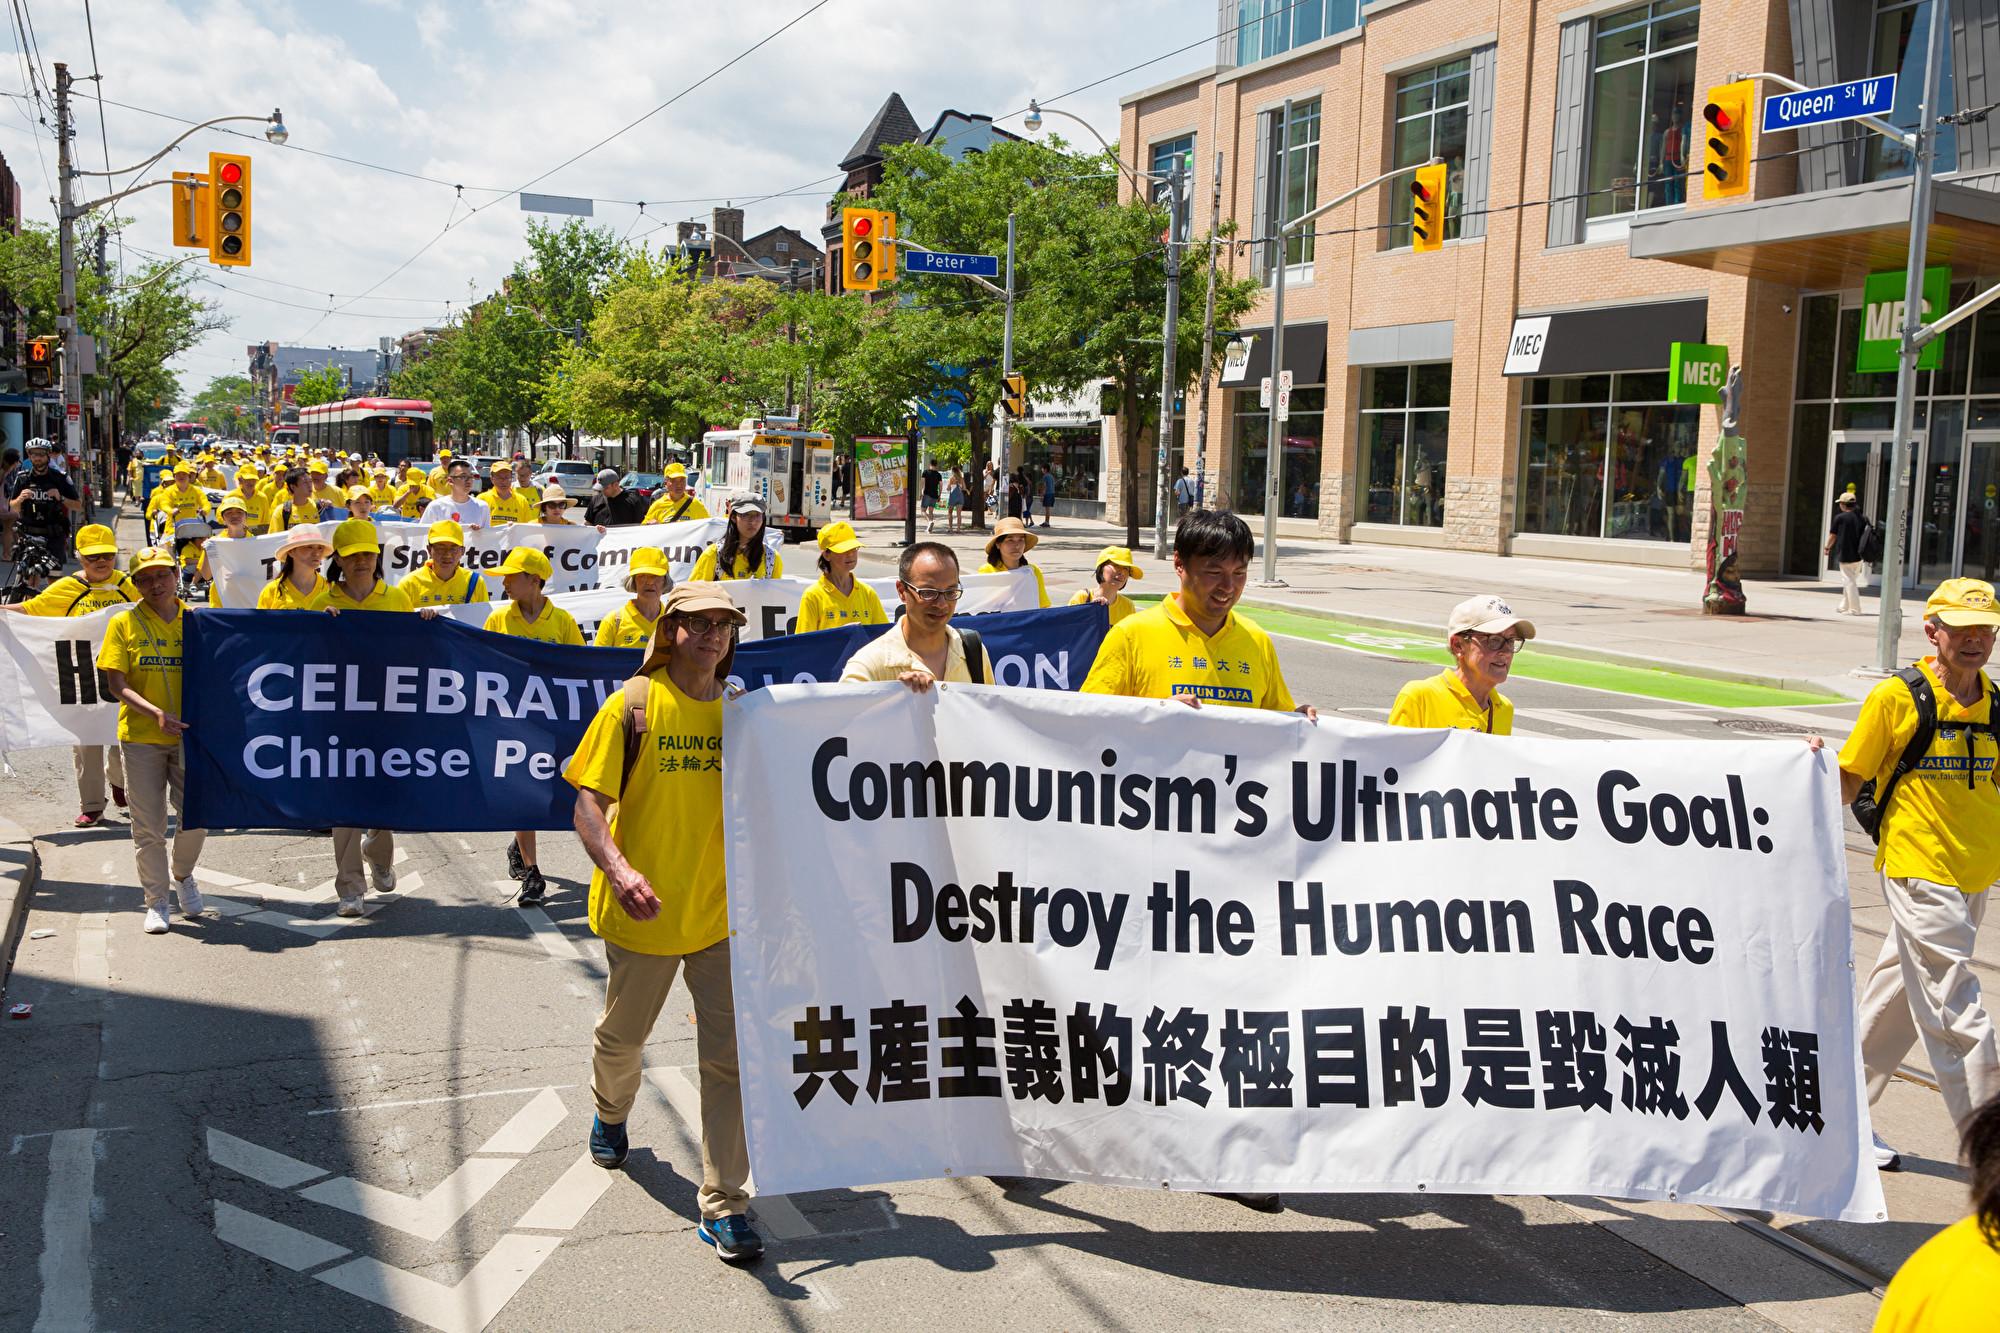 7月20日,加東地區法輪功學員舉行盛大遊行,紀念反迫害20周年,圖為學員手拿橫幅「共產主義的終極目的是毀滅人類。(艾文/大紀元)